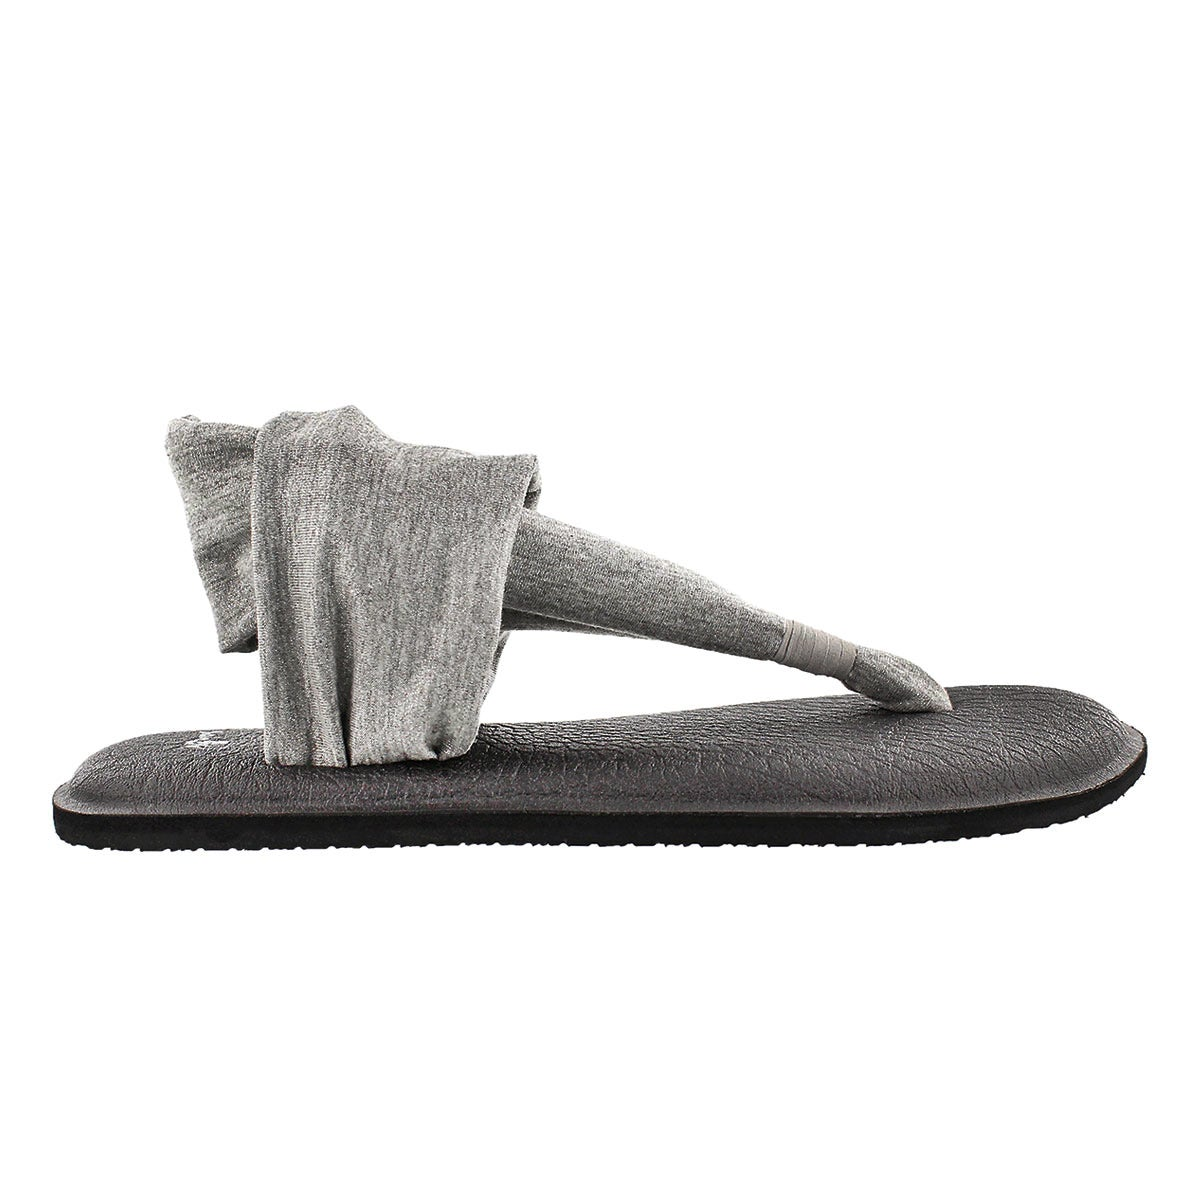 Lds YogaSling silver metallic thong